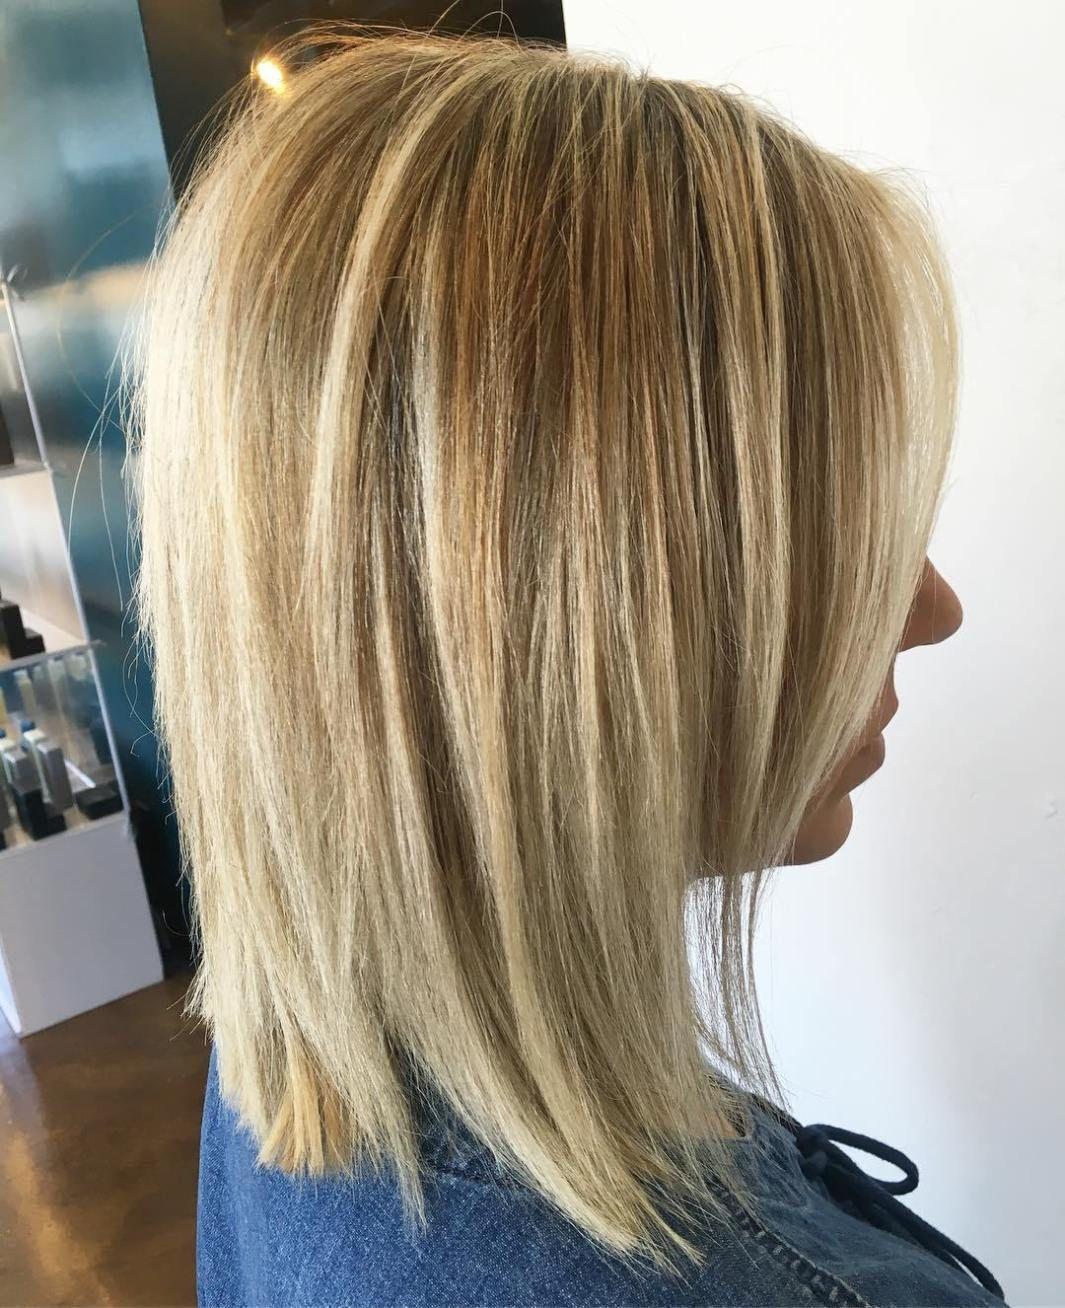 50 No Fail Medium Length Hairstyles For Thin Hair Hair Adviser In 2020 Medium Length Hair Styles Medium Hair Styles Hairstyles For Thin Hair